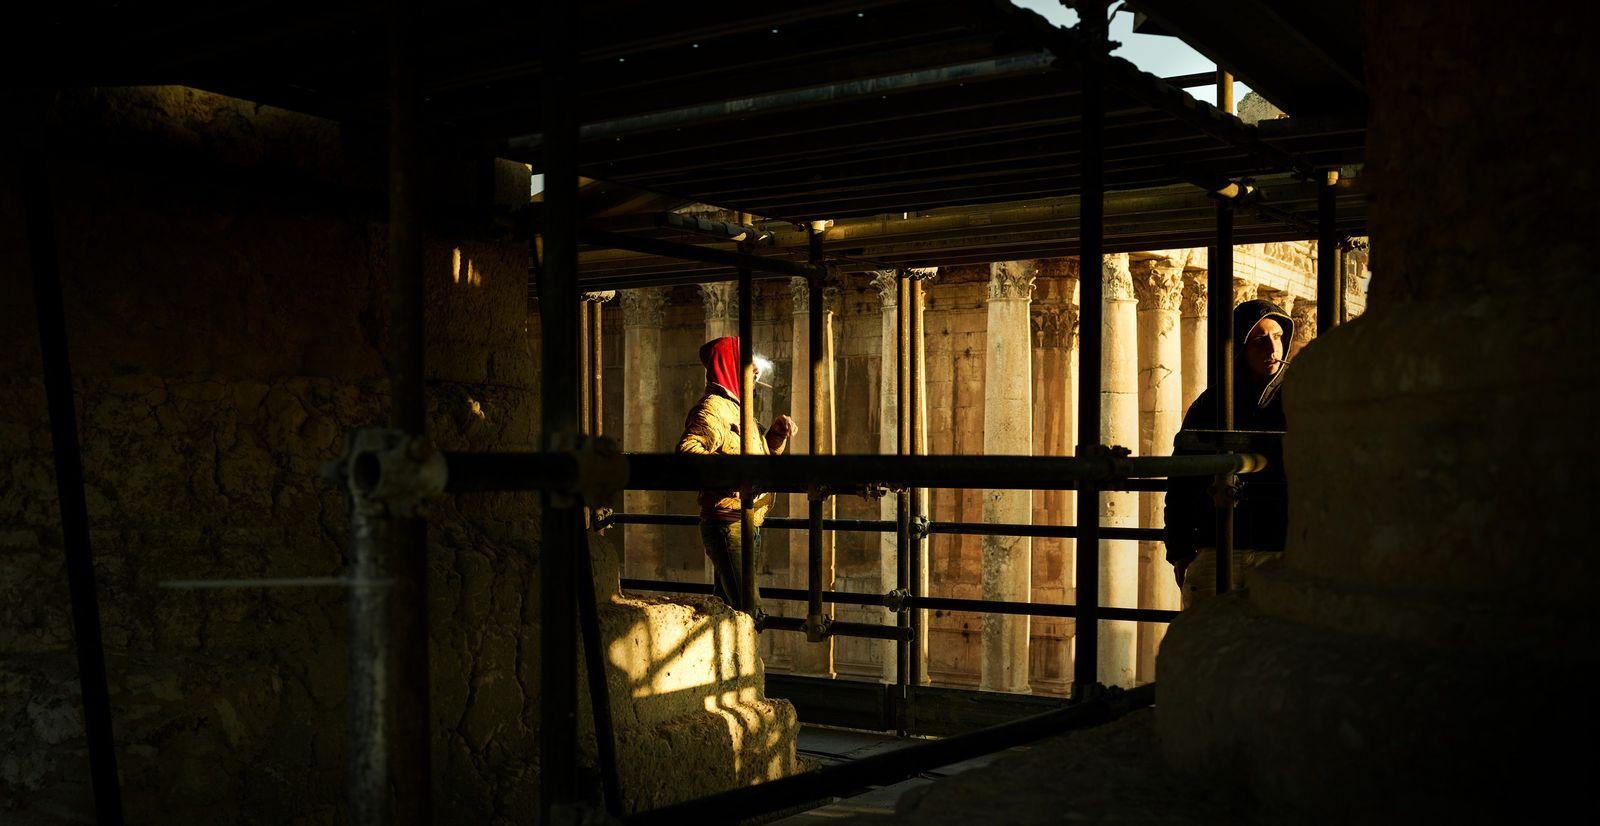 Baalbek, Liban, 2018 - Au sein de l'ancienne cité phénicienne les colonnes du temple de Baalbek ...